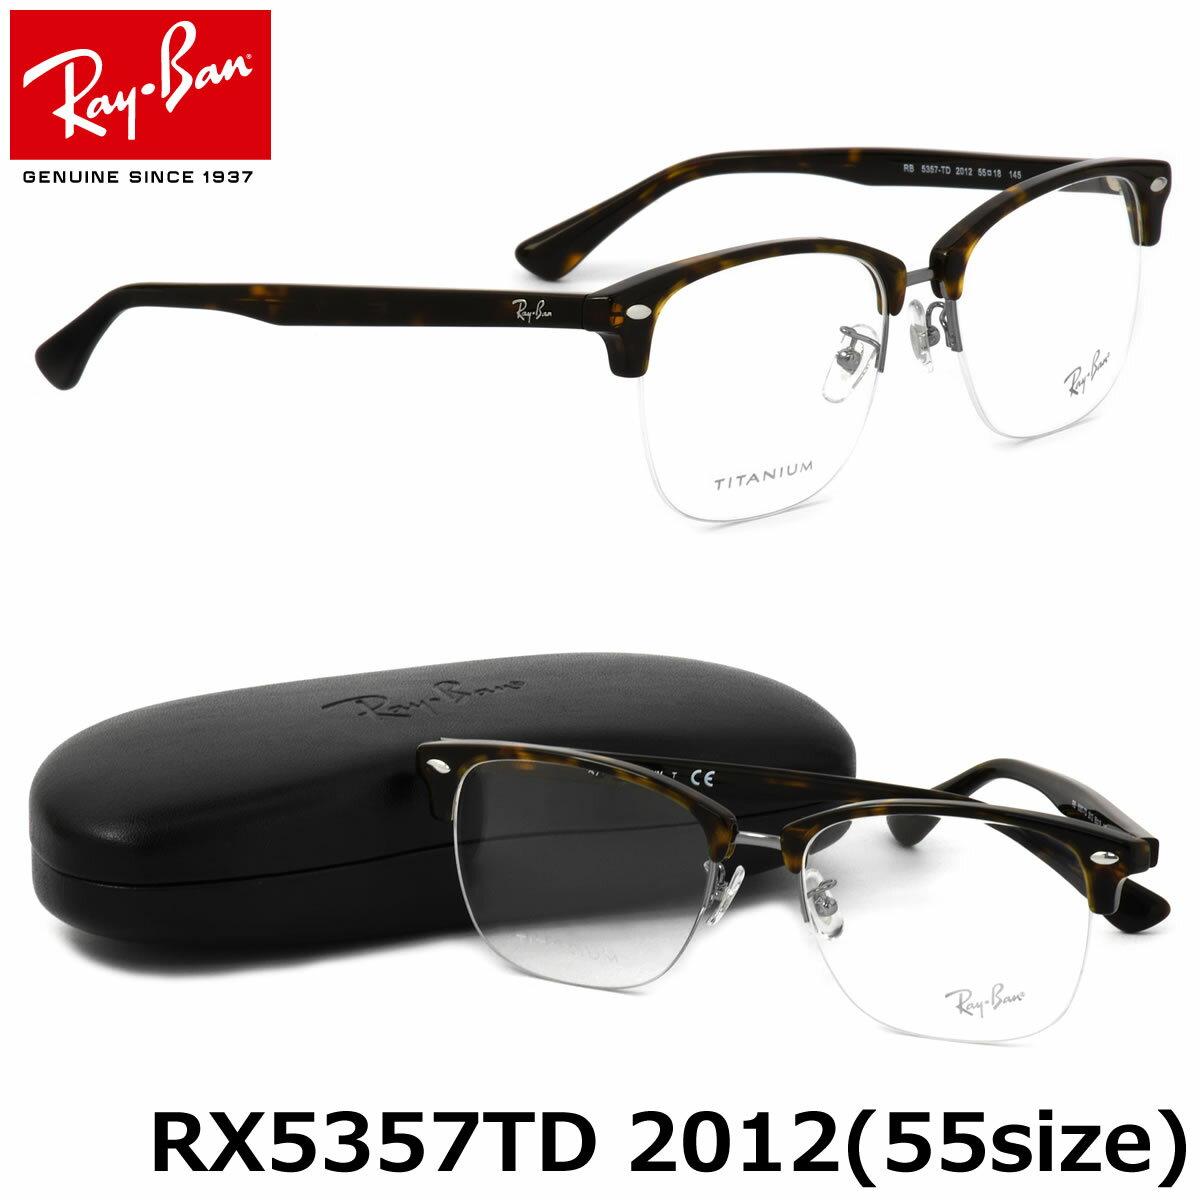 Ray-Ban レイバン メガネRX5357TD 2012 55サイズASIAN DESIGN TECH アジアンデザイン テック コンビネーション サーモントブロー ブロー スクエア ウェリントン レトロ クラシックレイバン RayBan メンズ レディース